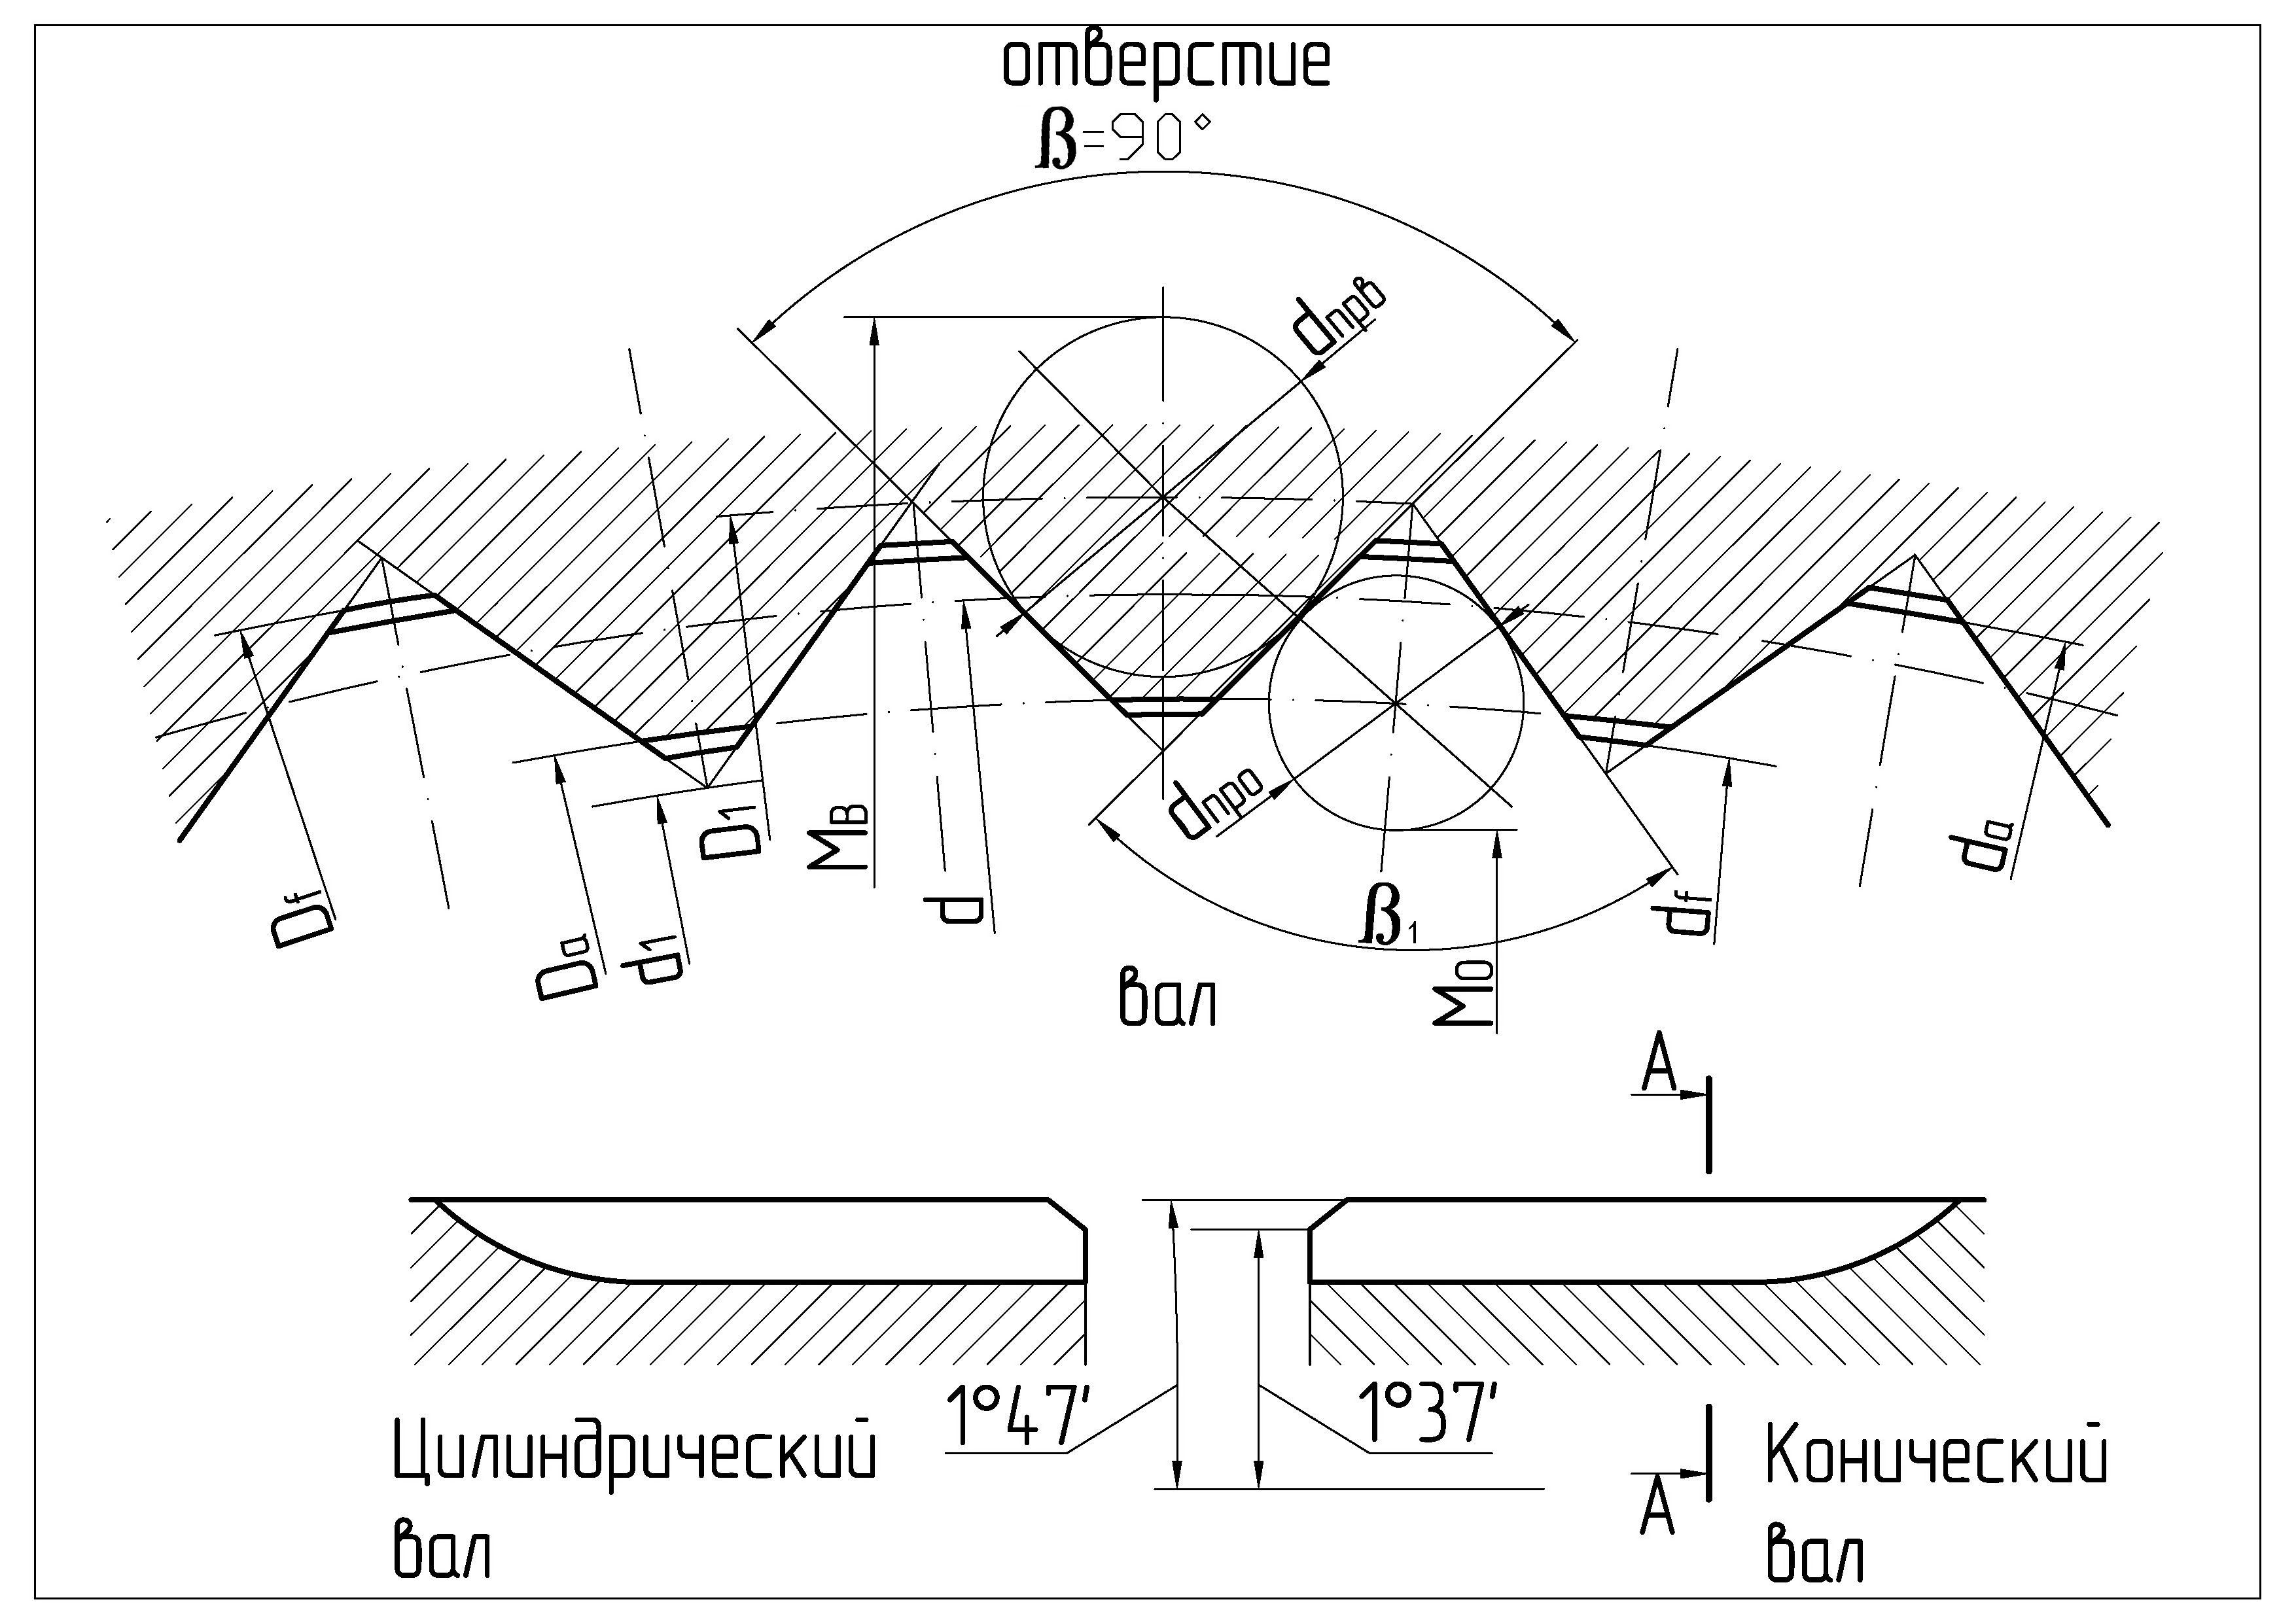 Как обозначаются шлицы на чертеже - морской флот